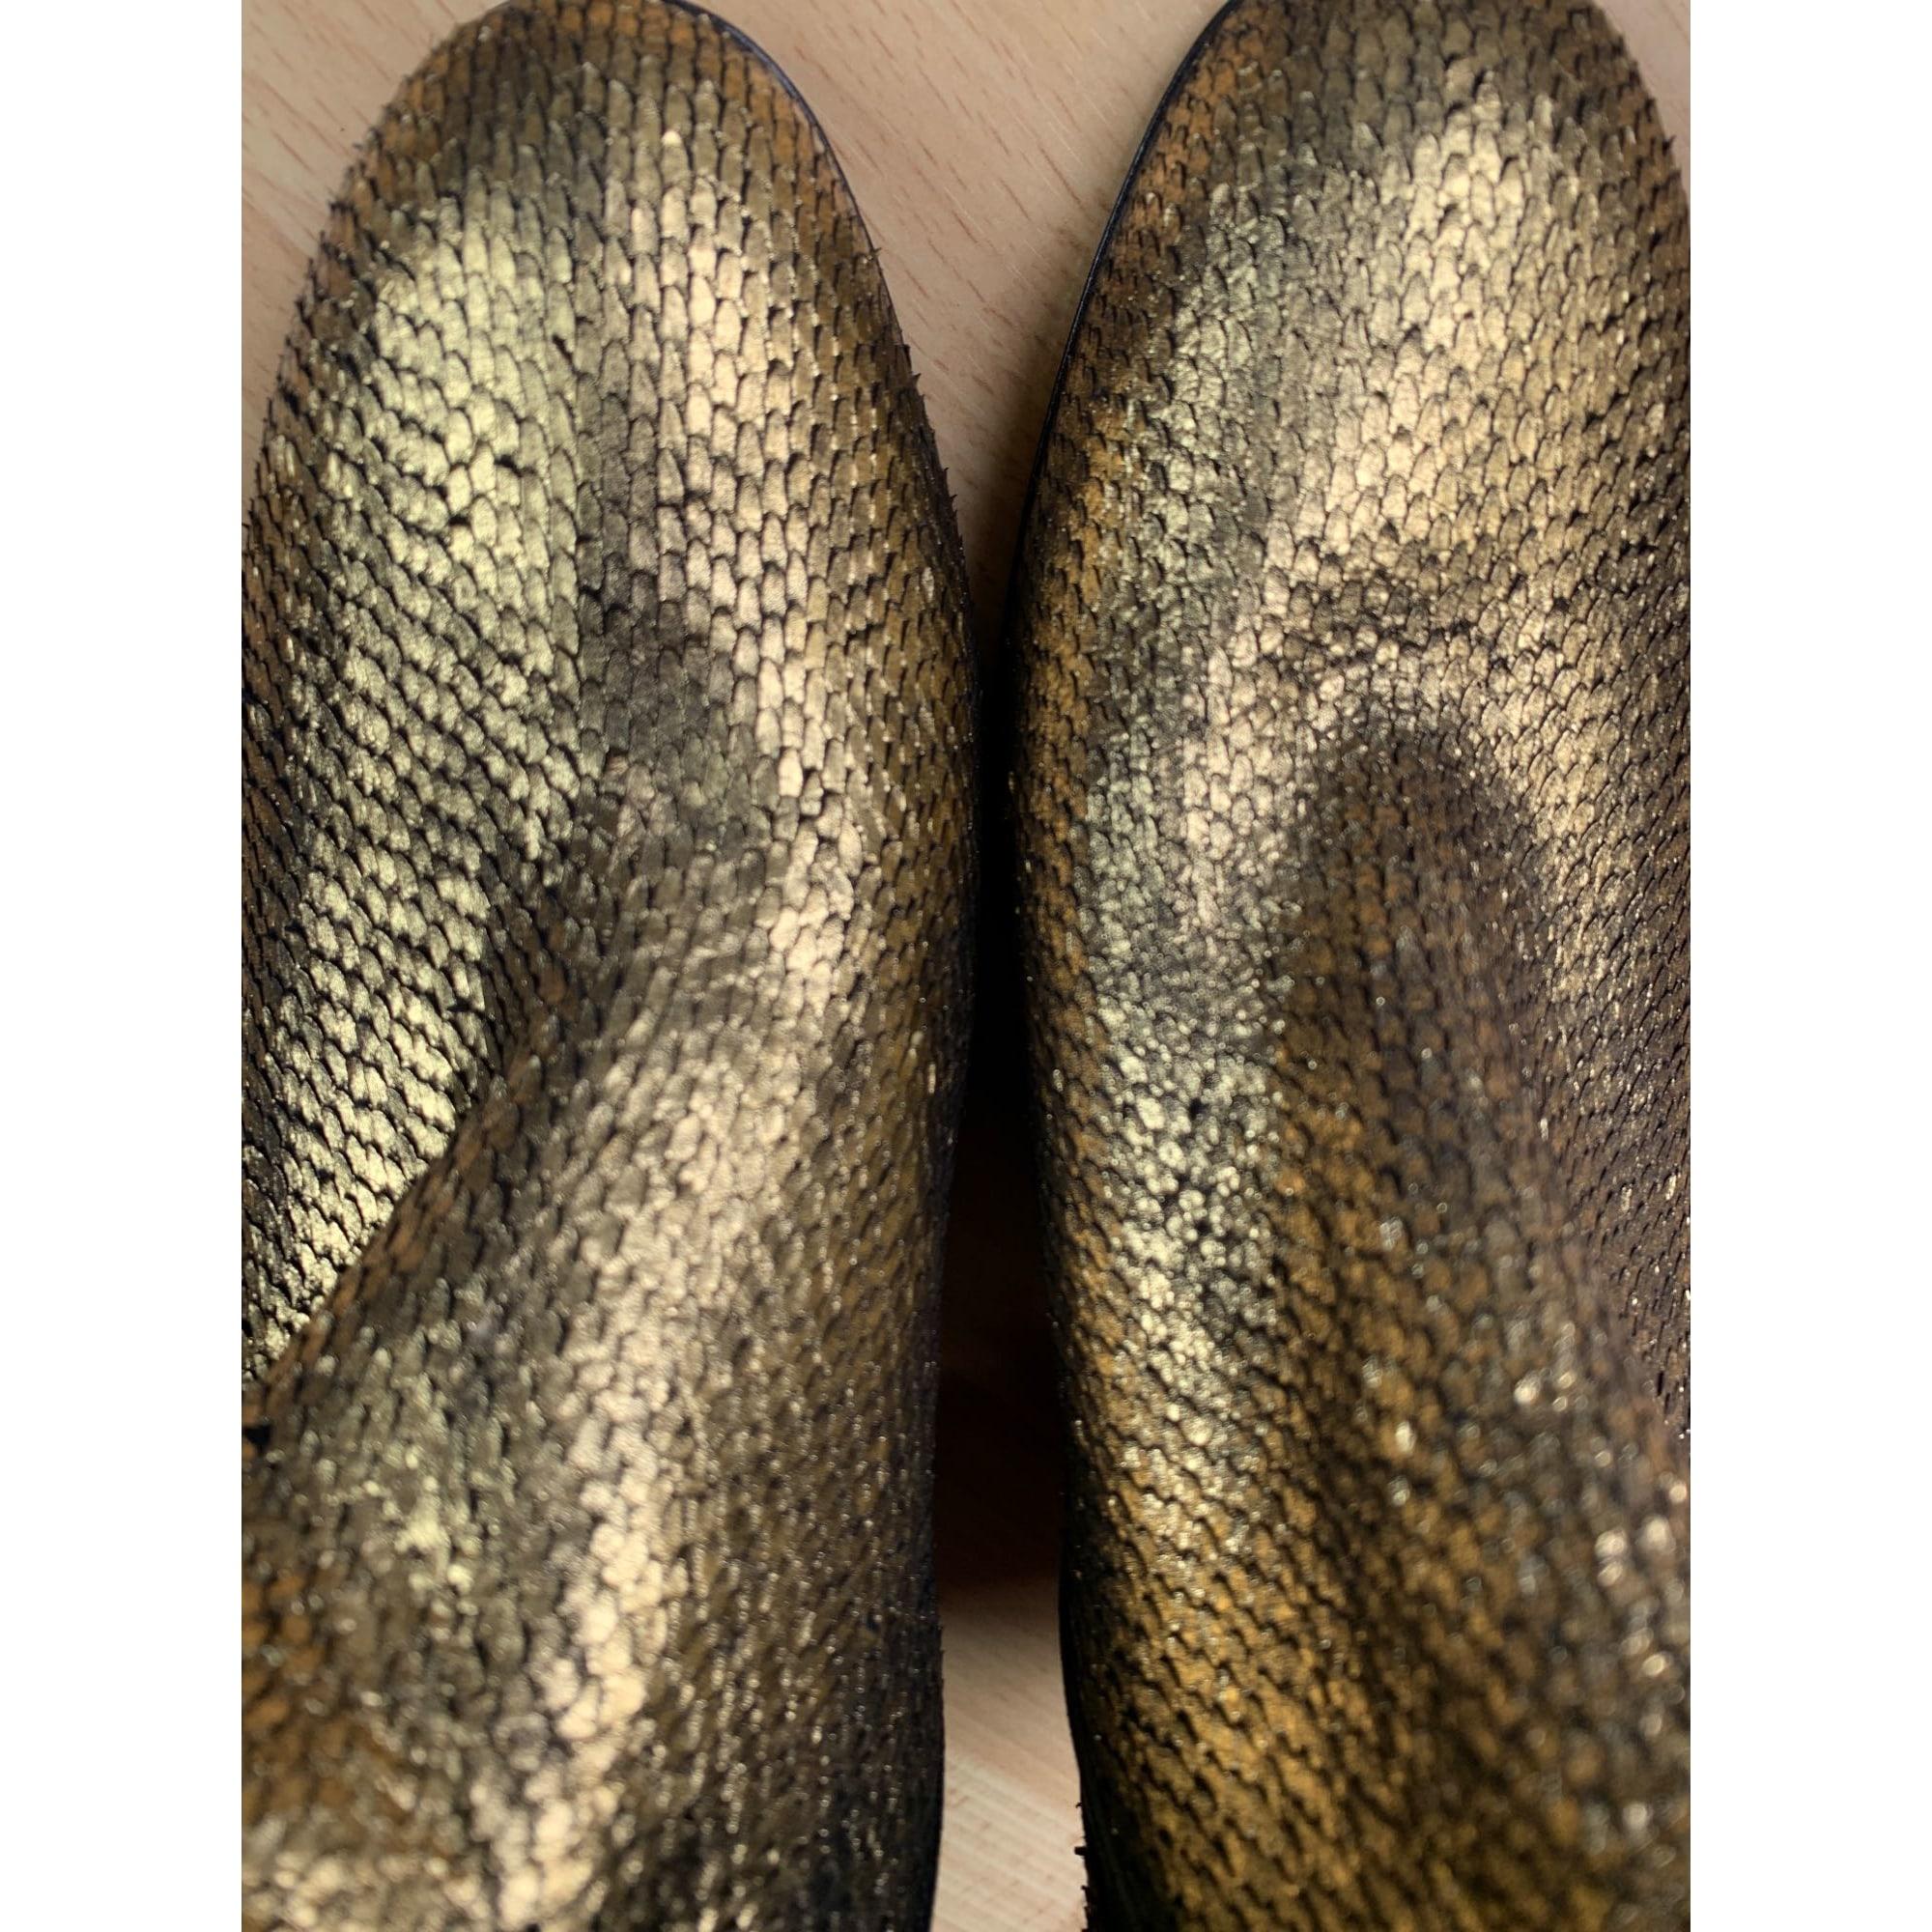 Bottes à talons VERO CUOIO Doré, bronze, cuivre